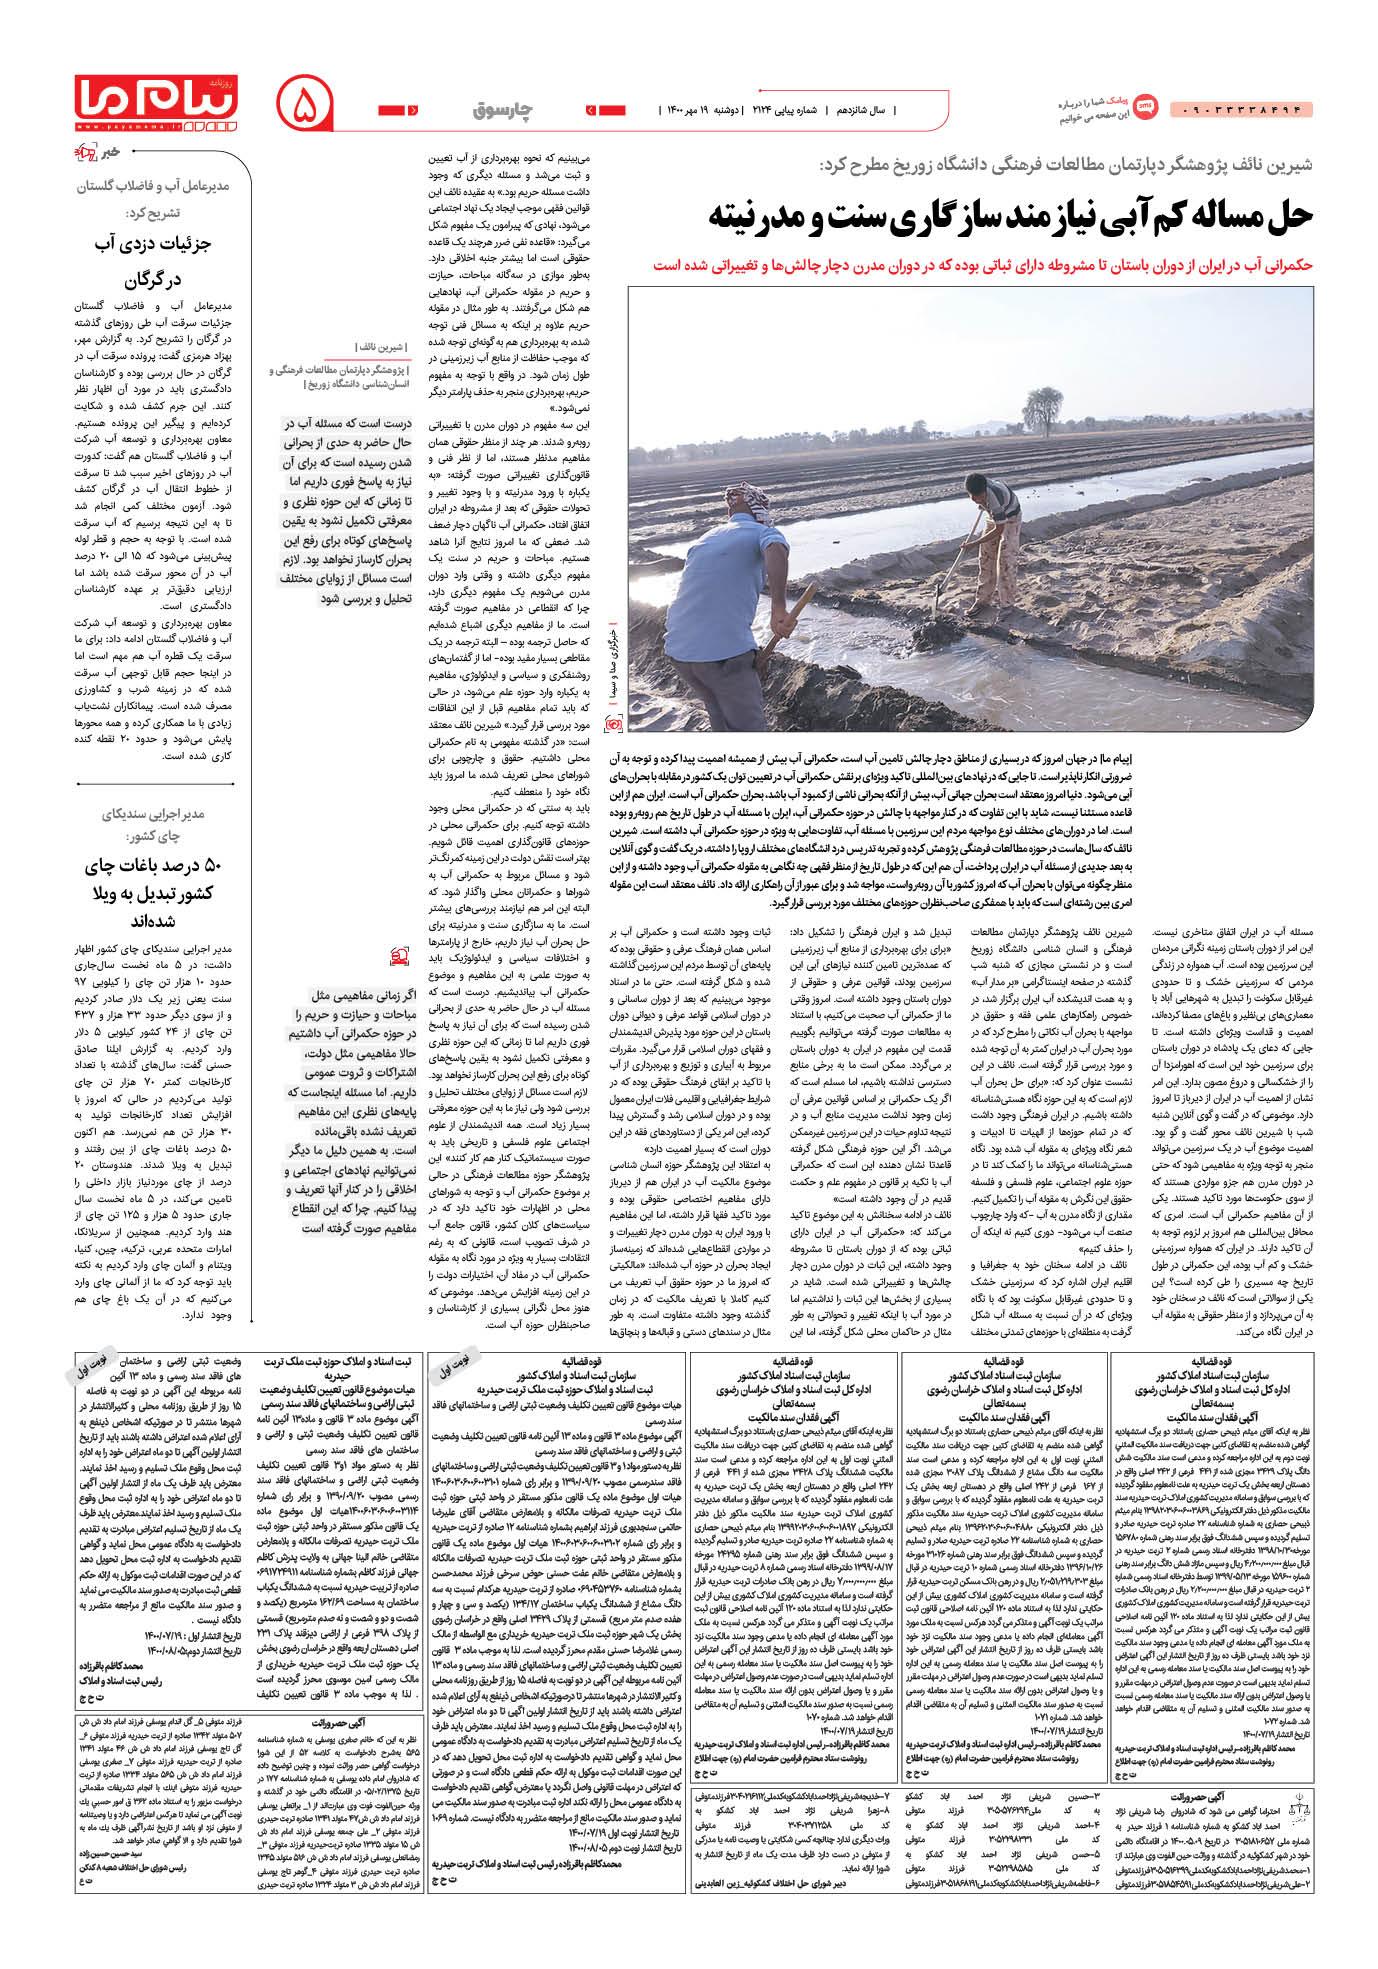 صفحه چارسوق شماره 2124 روزنامه پیام ما